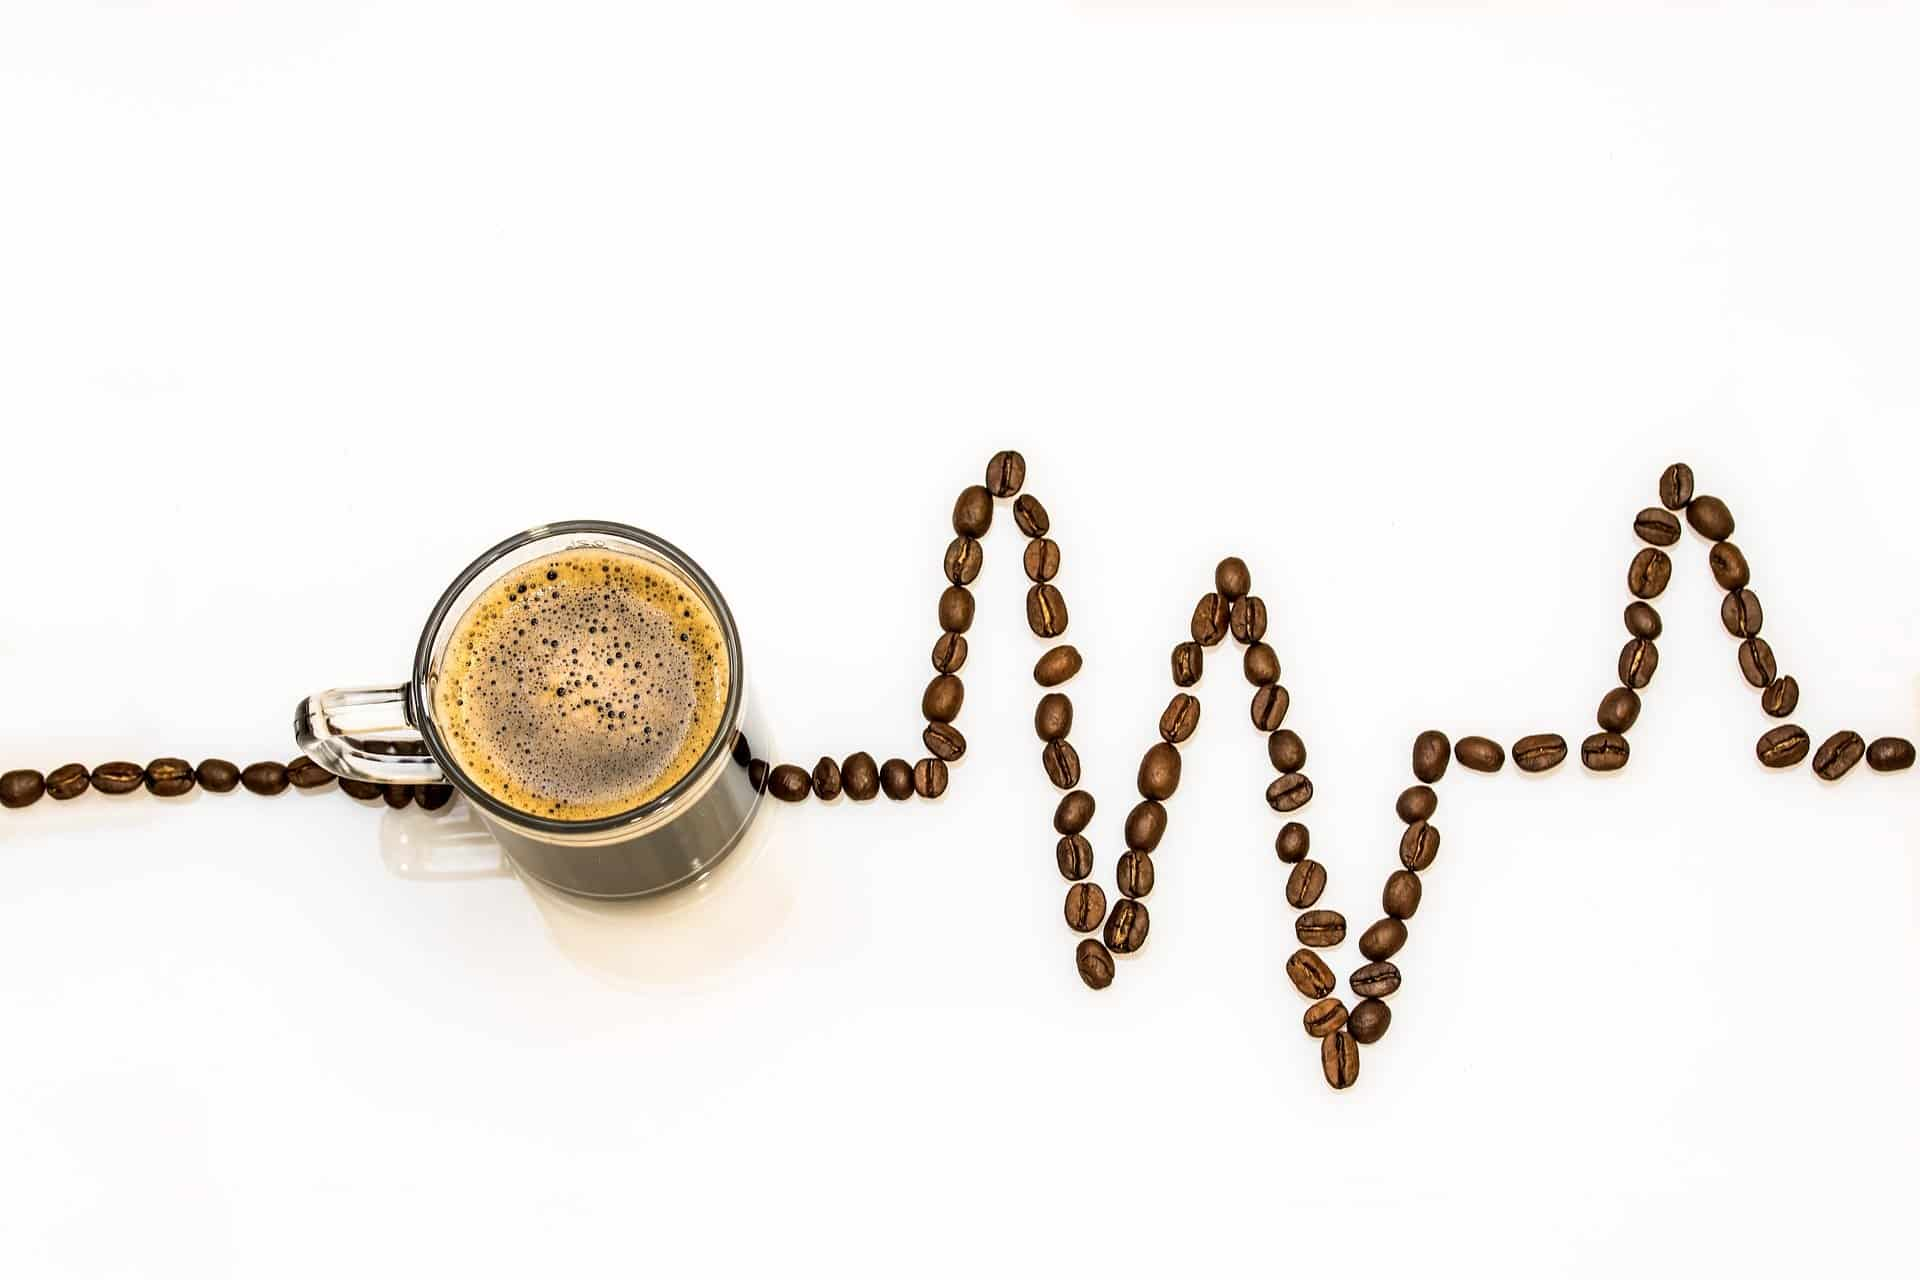 Positieve effecten van koffie